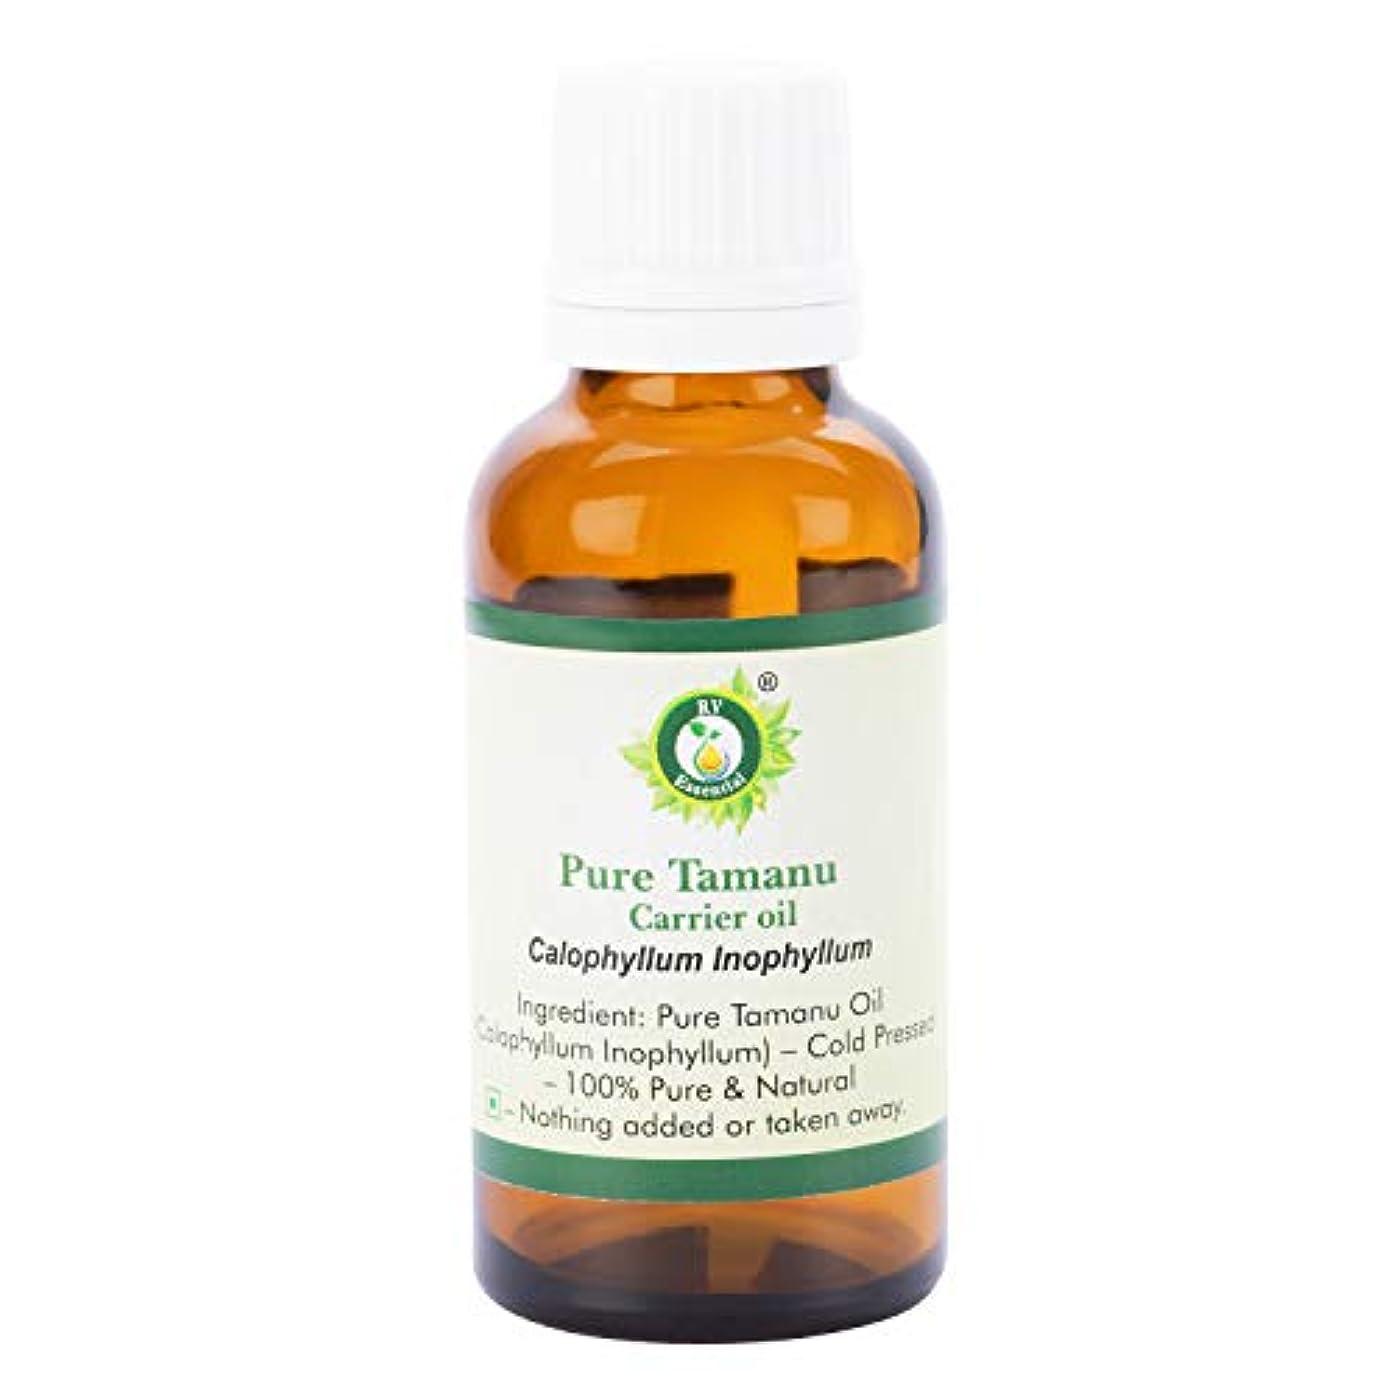 問題兄弟愛サイレントピュアTamanuキャリアオイル30ml (1.01oz)- Calophyllum Inophyllum (100%ピュア&ナチュラルコールドPressed) Pure Tamanu Carrier Oil